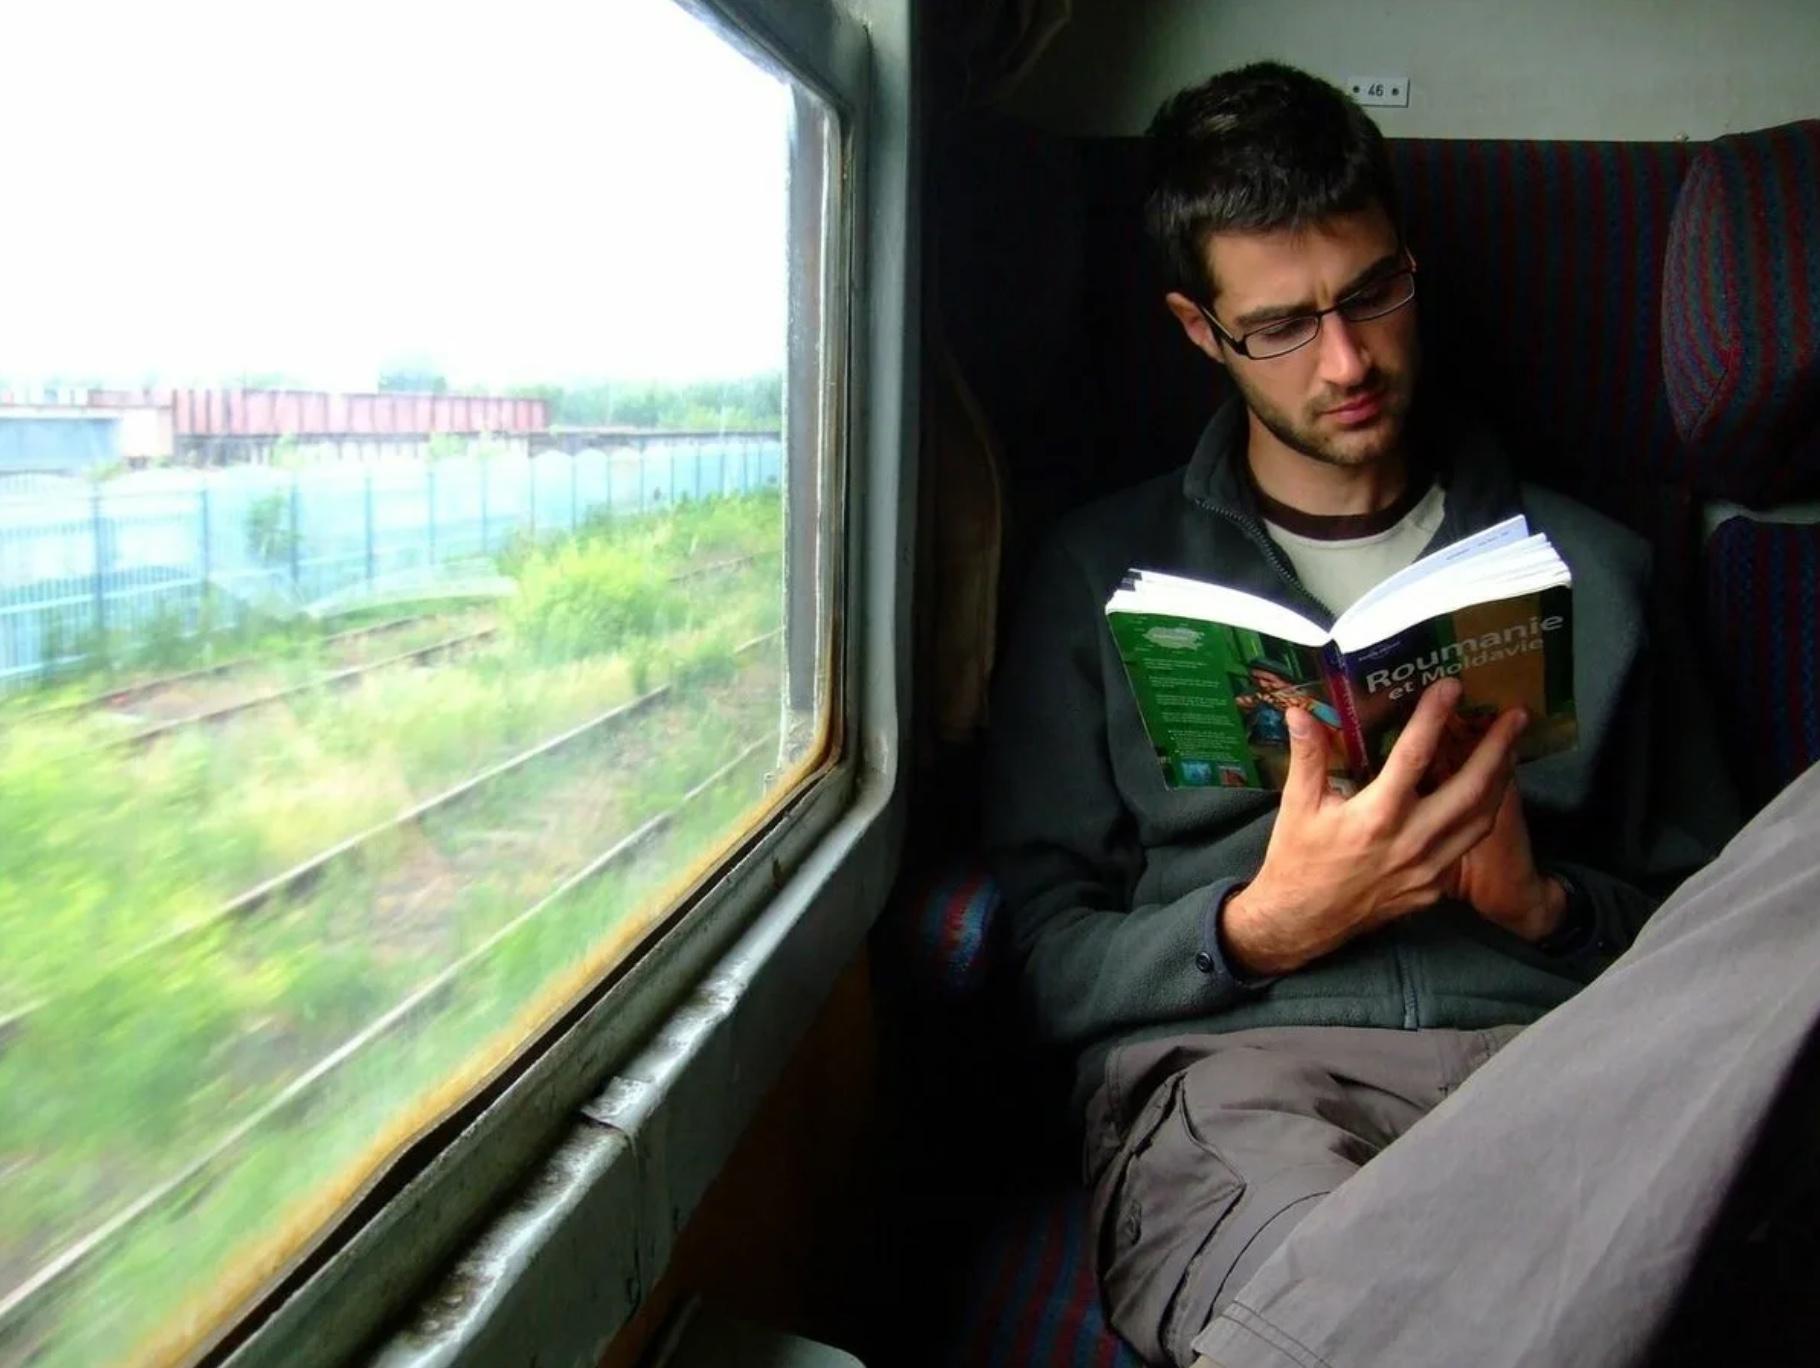 Скидка 50% студентам на скоростные поезда и билеты в купе